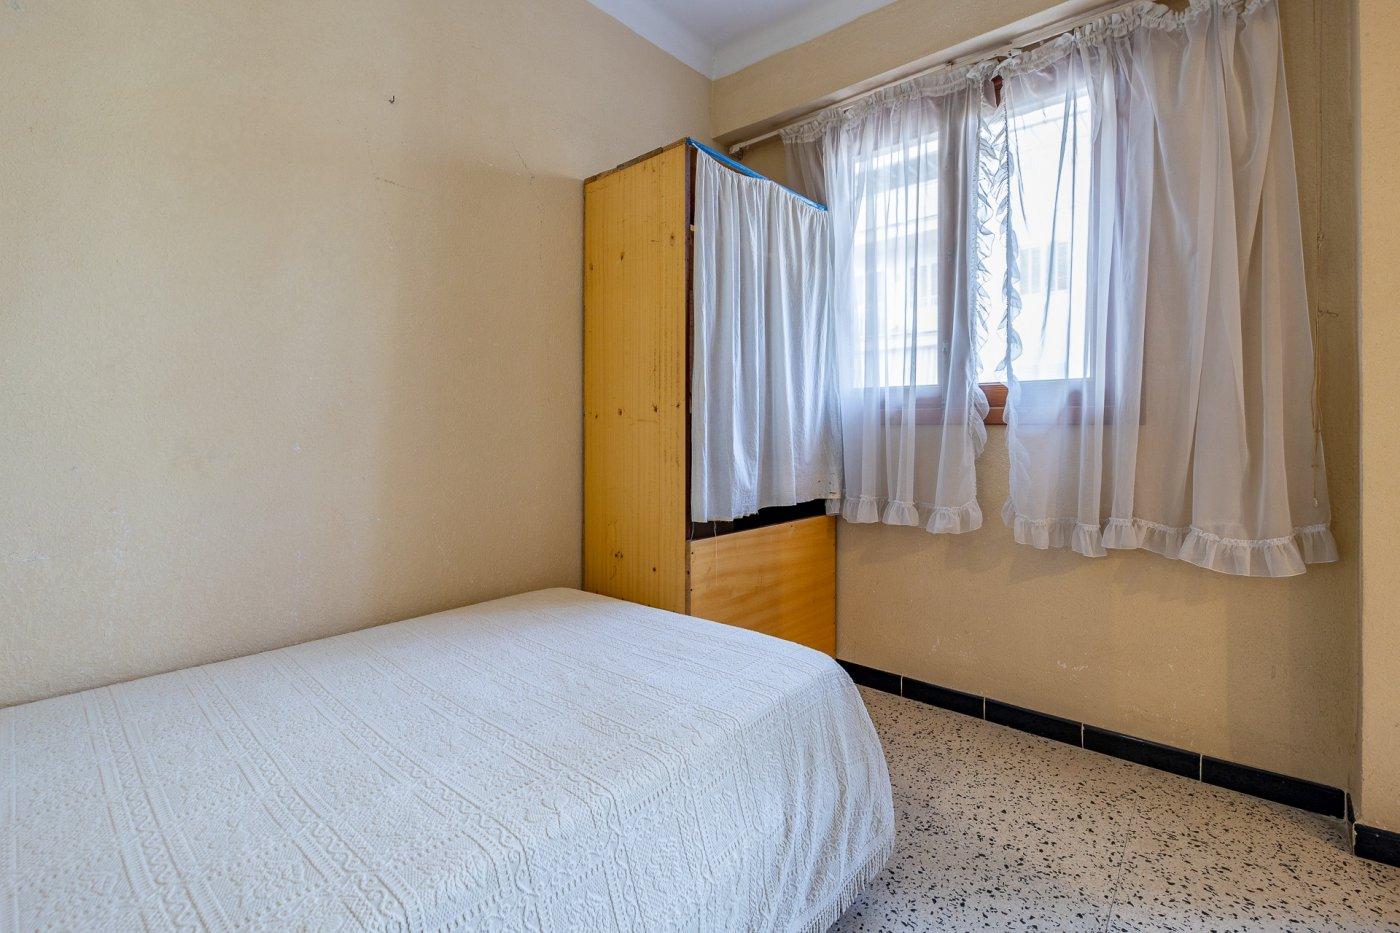 Piso de tres dormitorios en arenal de palma (balneario 3) - imagenInmueble11